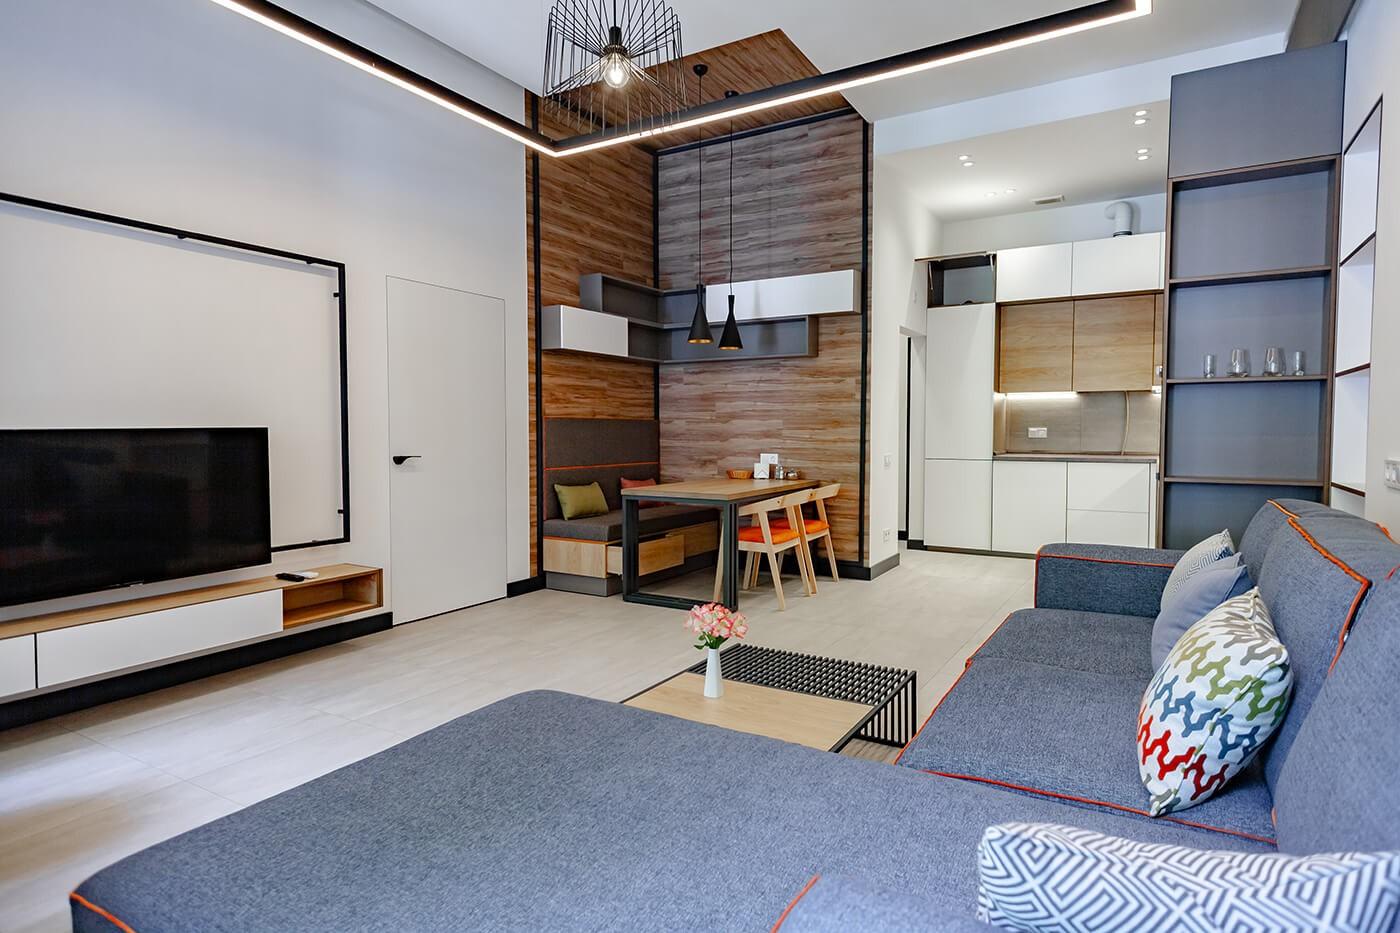 Двокімнатні апартаменти - Duke Apartments. Широкий вибір квартир. Оренда подобово.